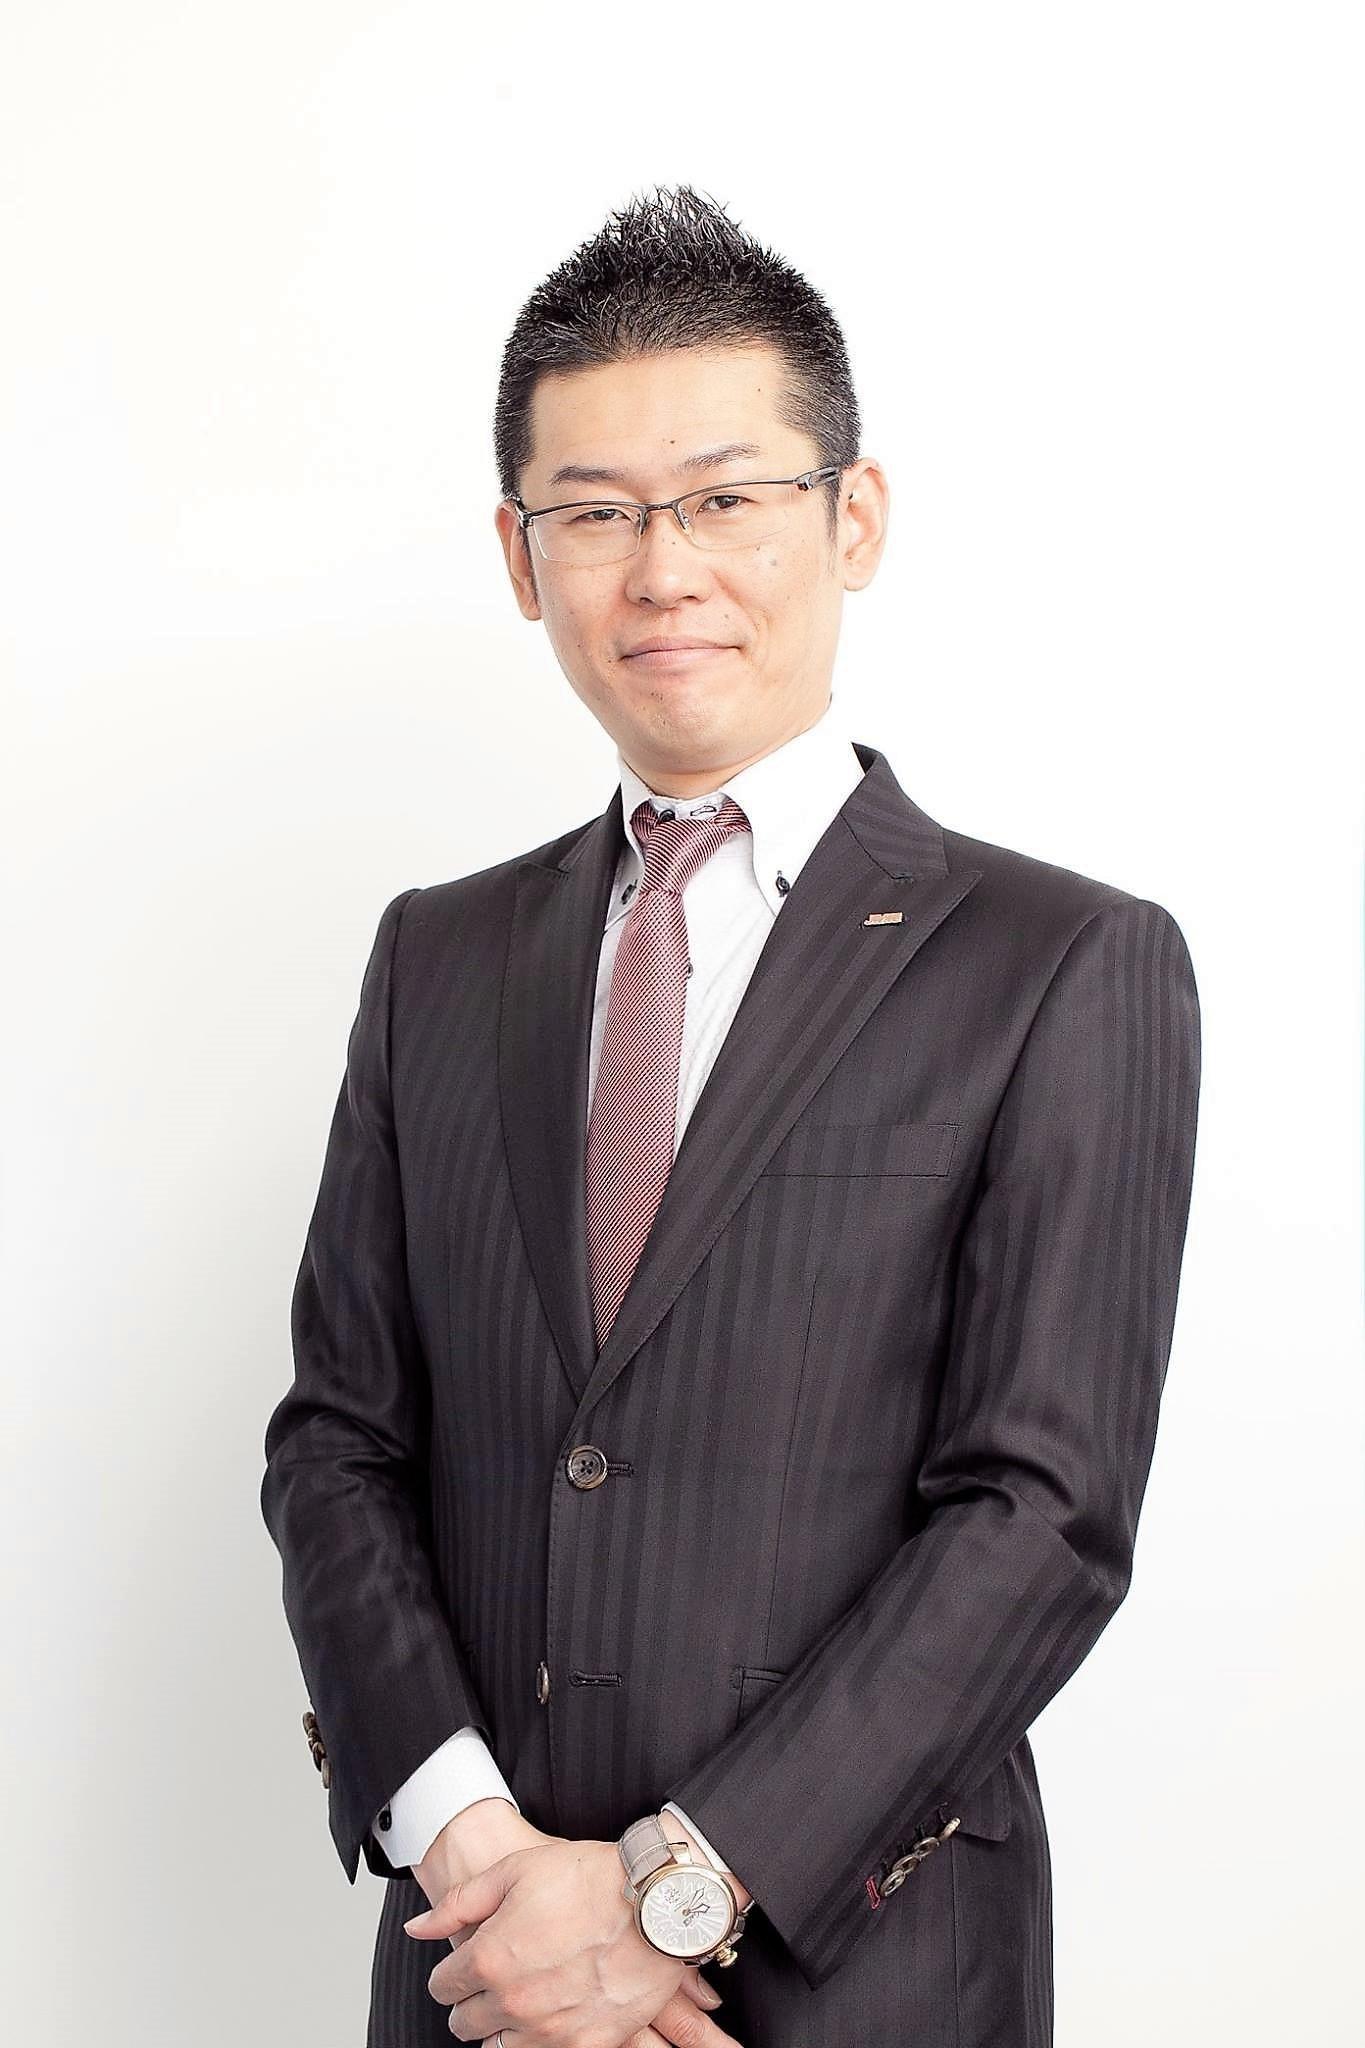 松太郎【大阪・江坂】婚活カウンセラー!!